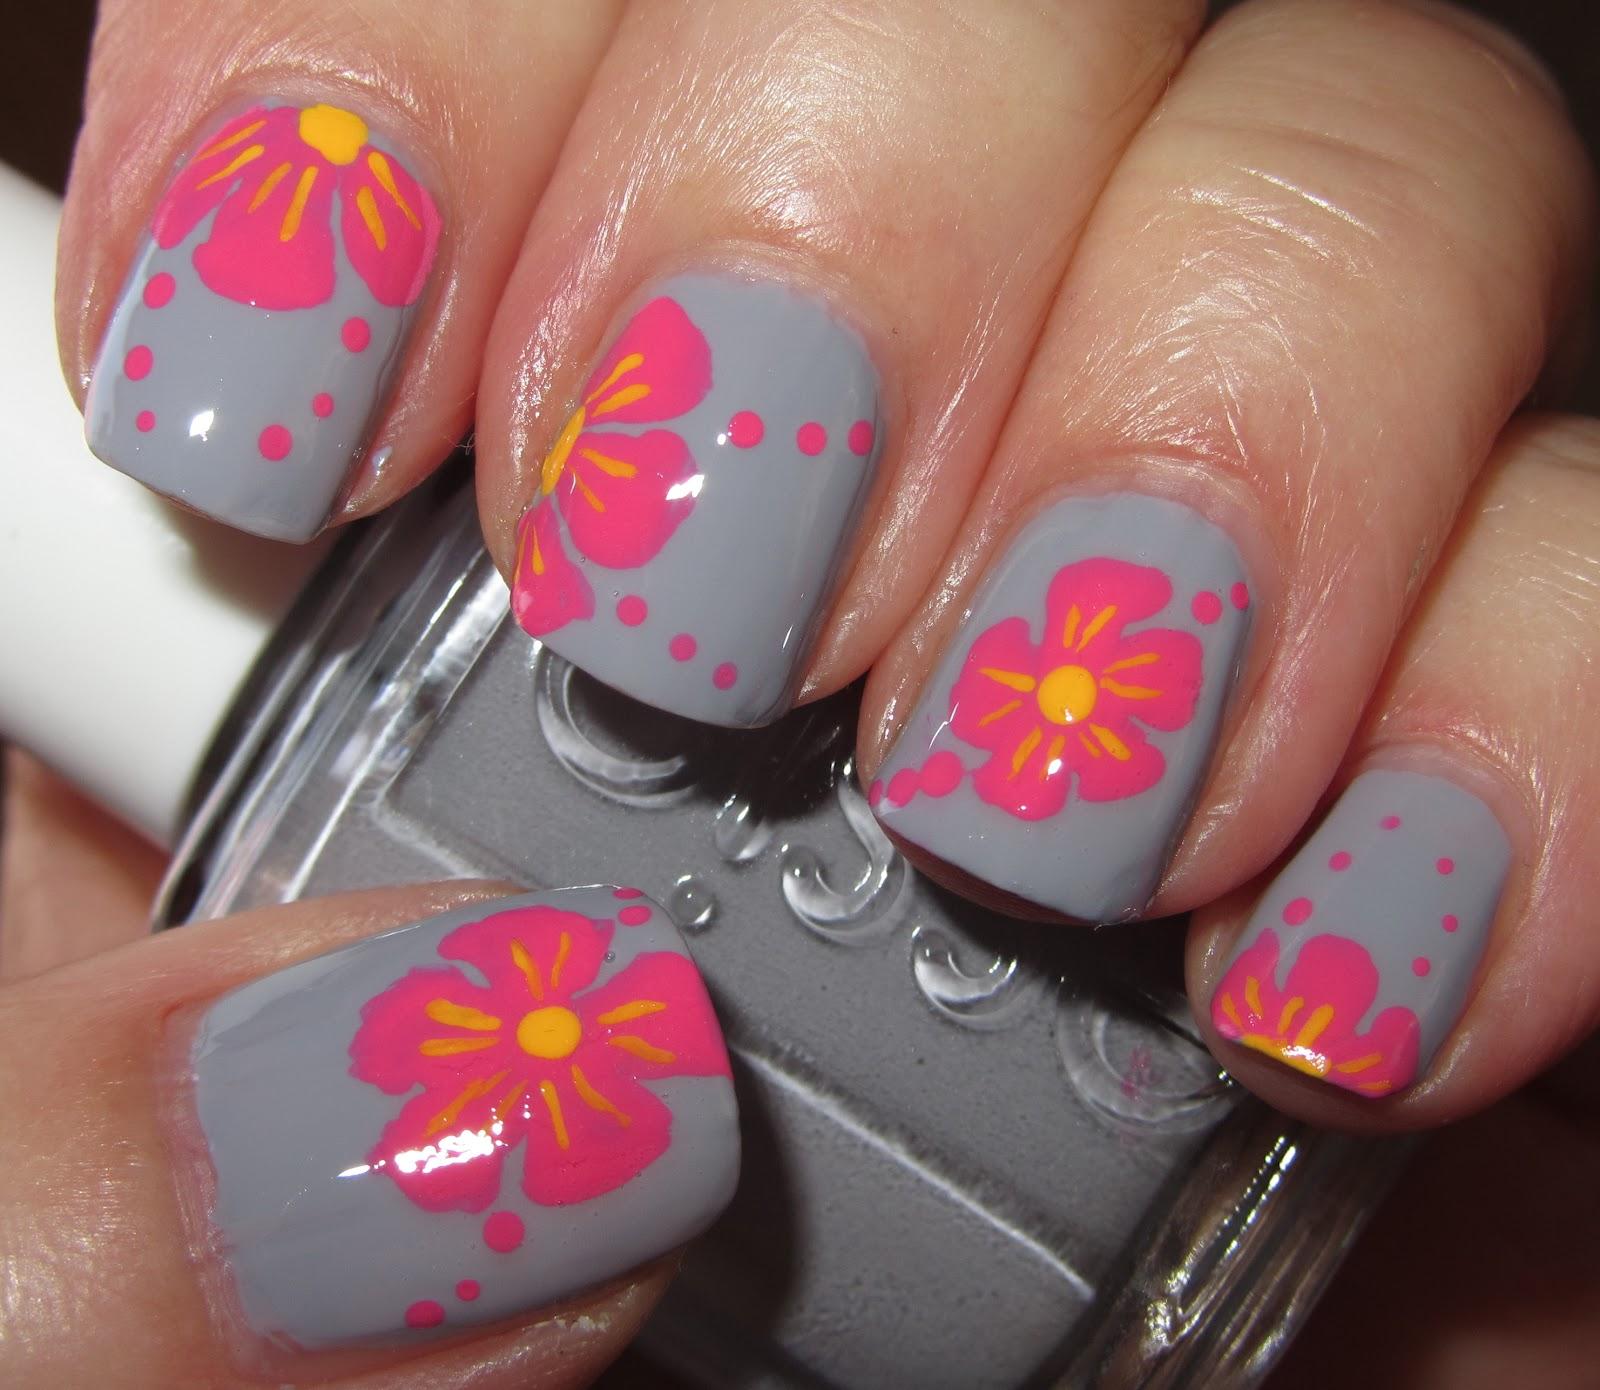 Nailzini A Nail Art Blog: Marias Nail Art And Polish Blog: Tropical Pink Flowers On Grey